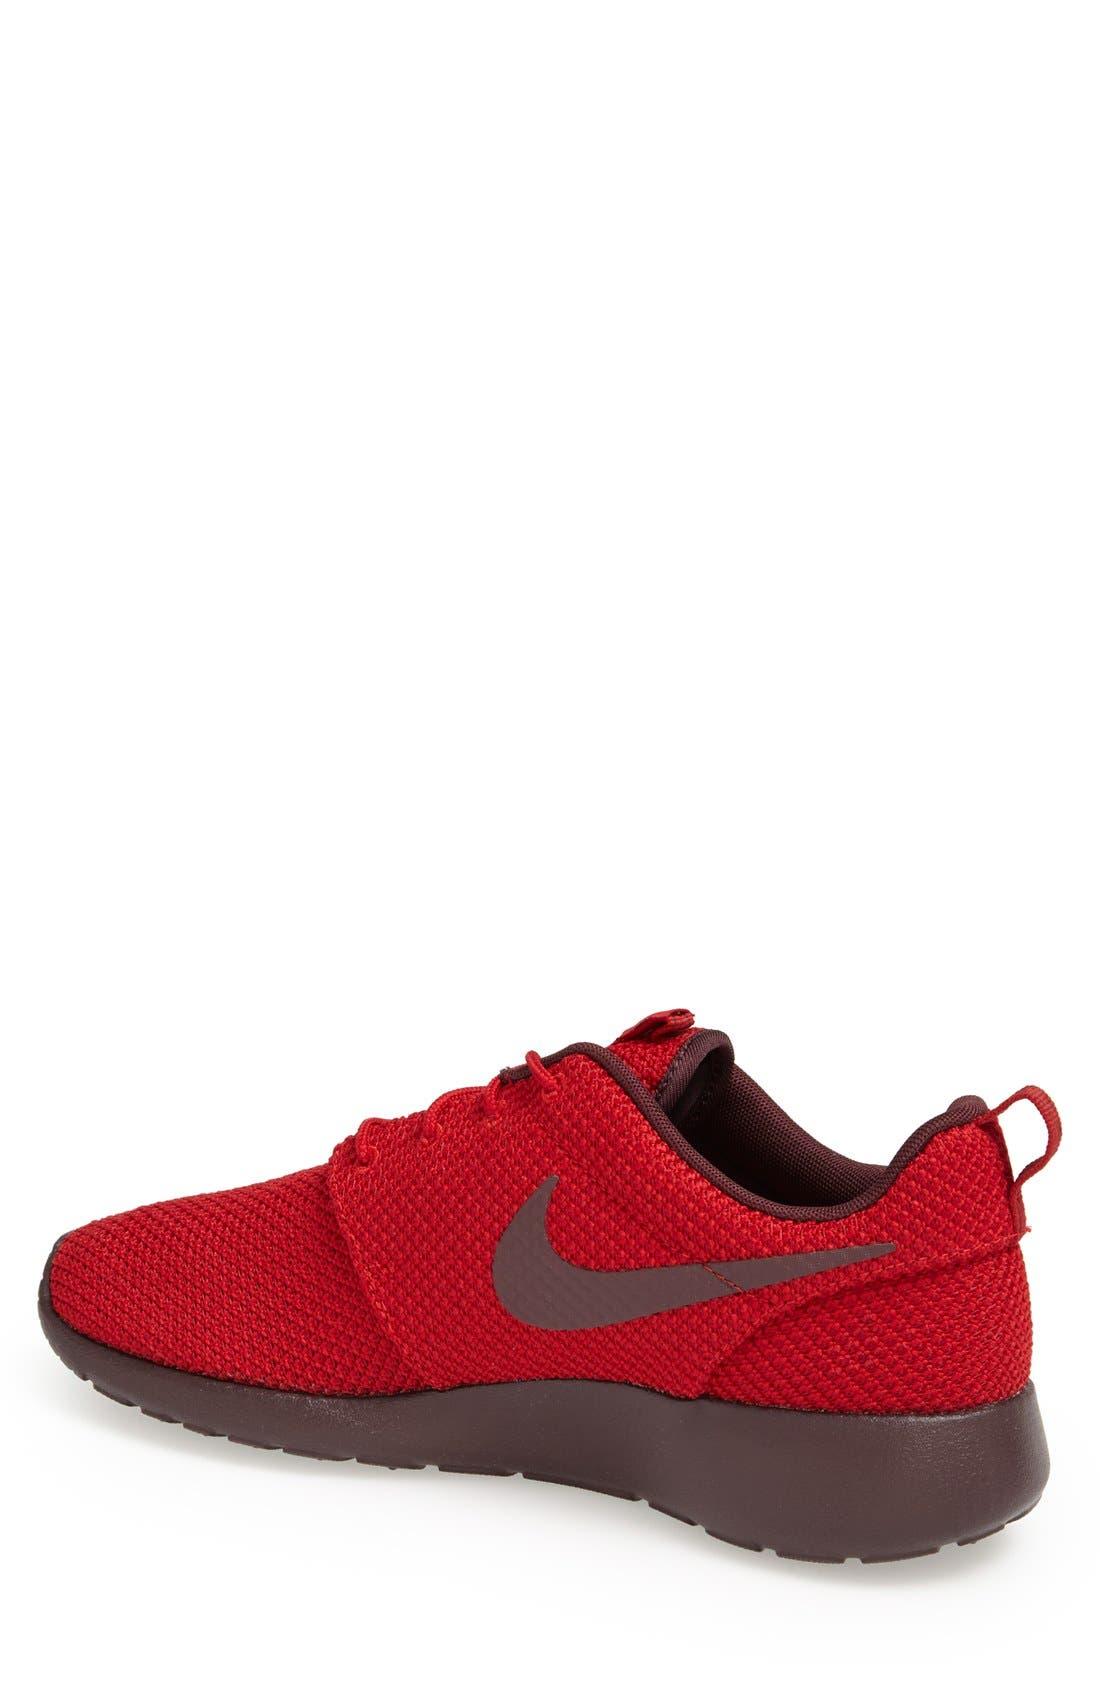 ,                             'Roshe Run' Sneaker,                             Alternate thumbnail 128, color,                             606